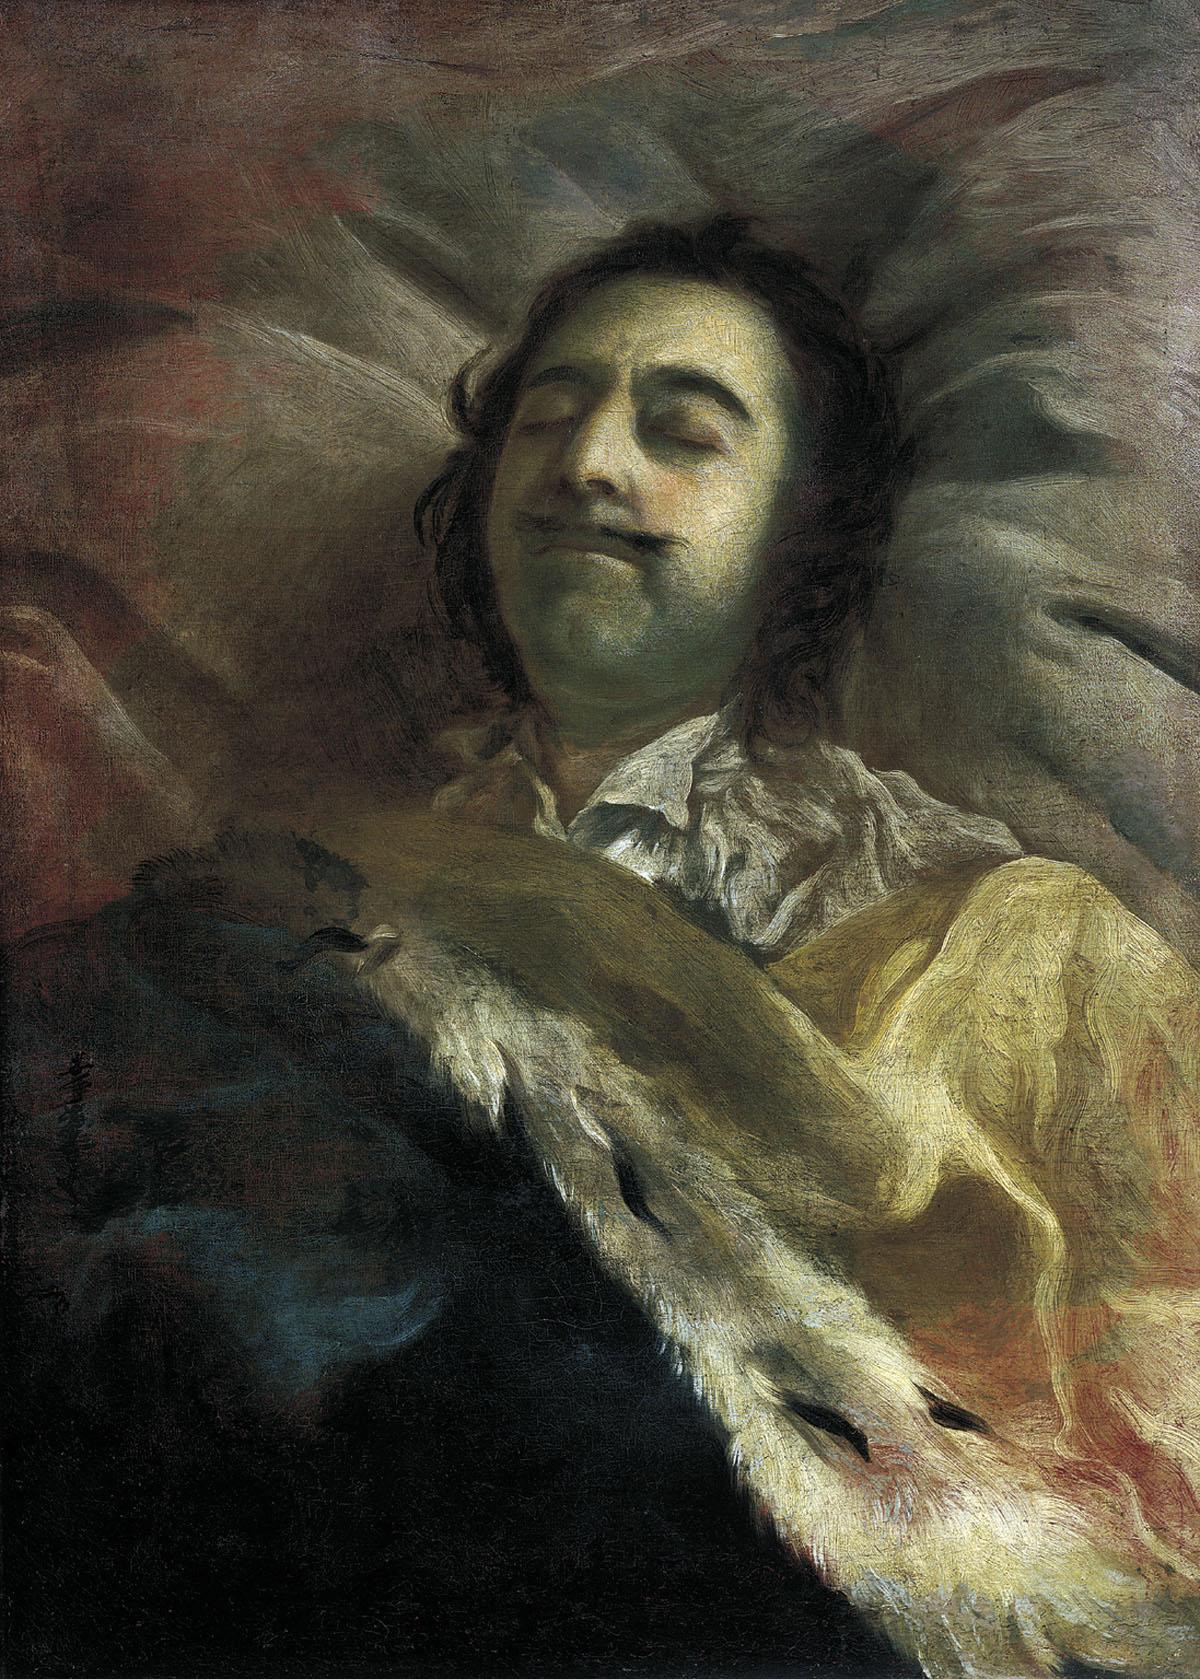 پتر کبیر در بستر مرگ